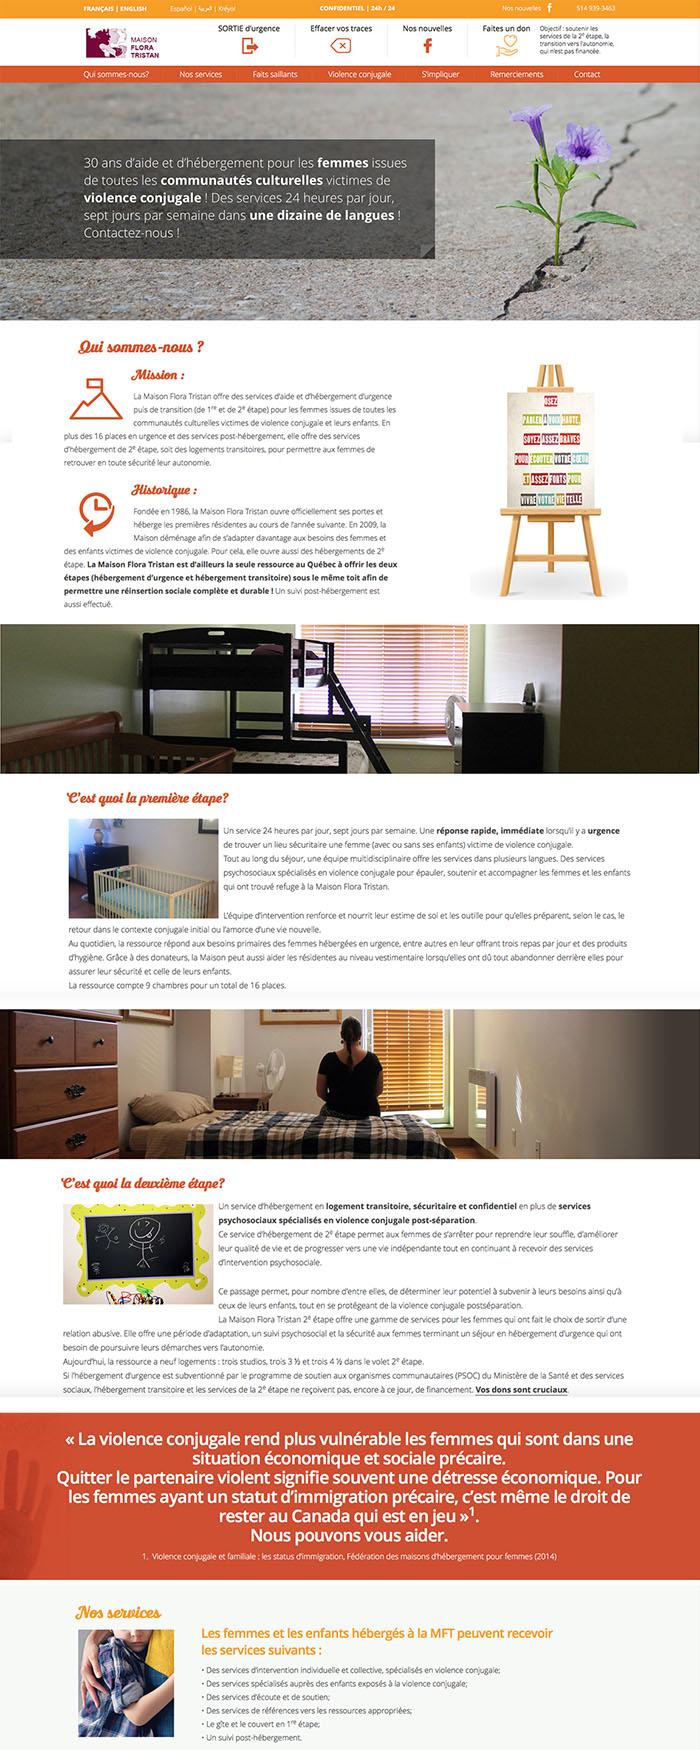 Maison d'aide et d'hébergement pour femmes victimes de violence conjugale.